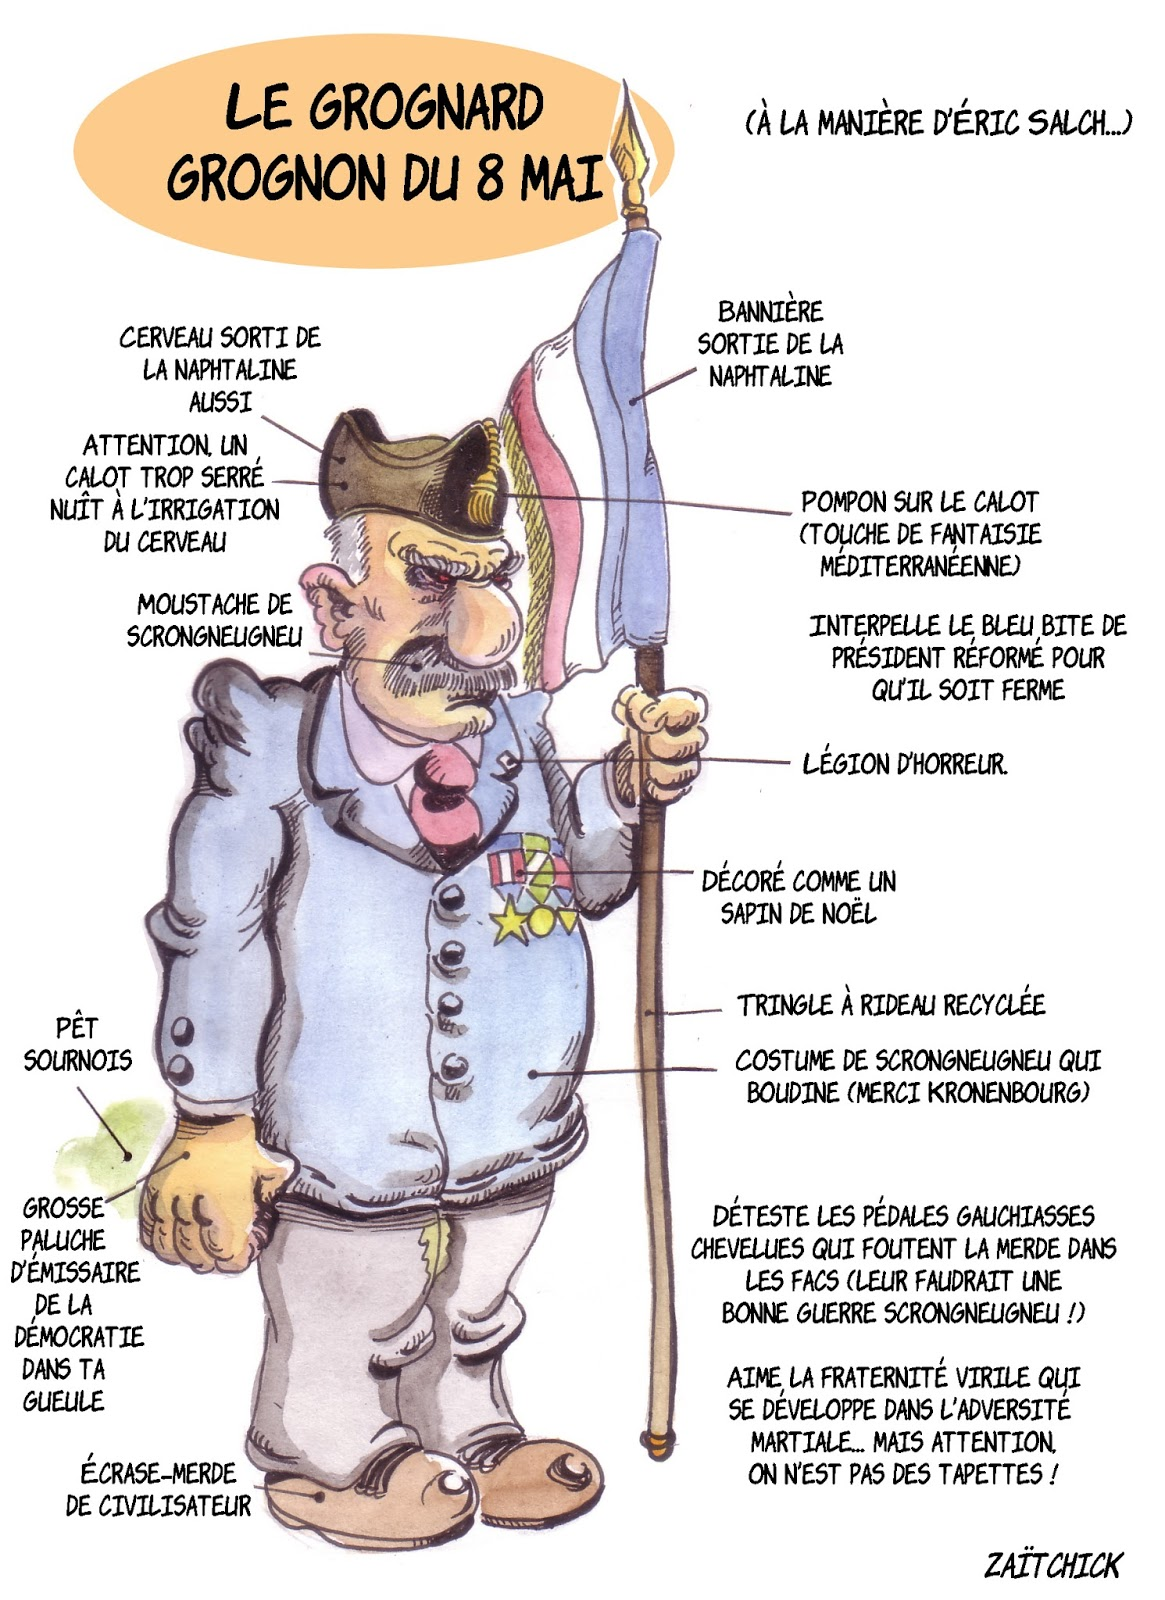 dessin d'actualité montrant le vétéran qui a interpellé Emmanuel Macron lors de la cérémonie du 8 mai